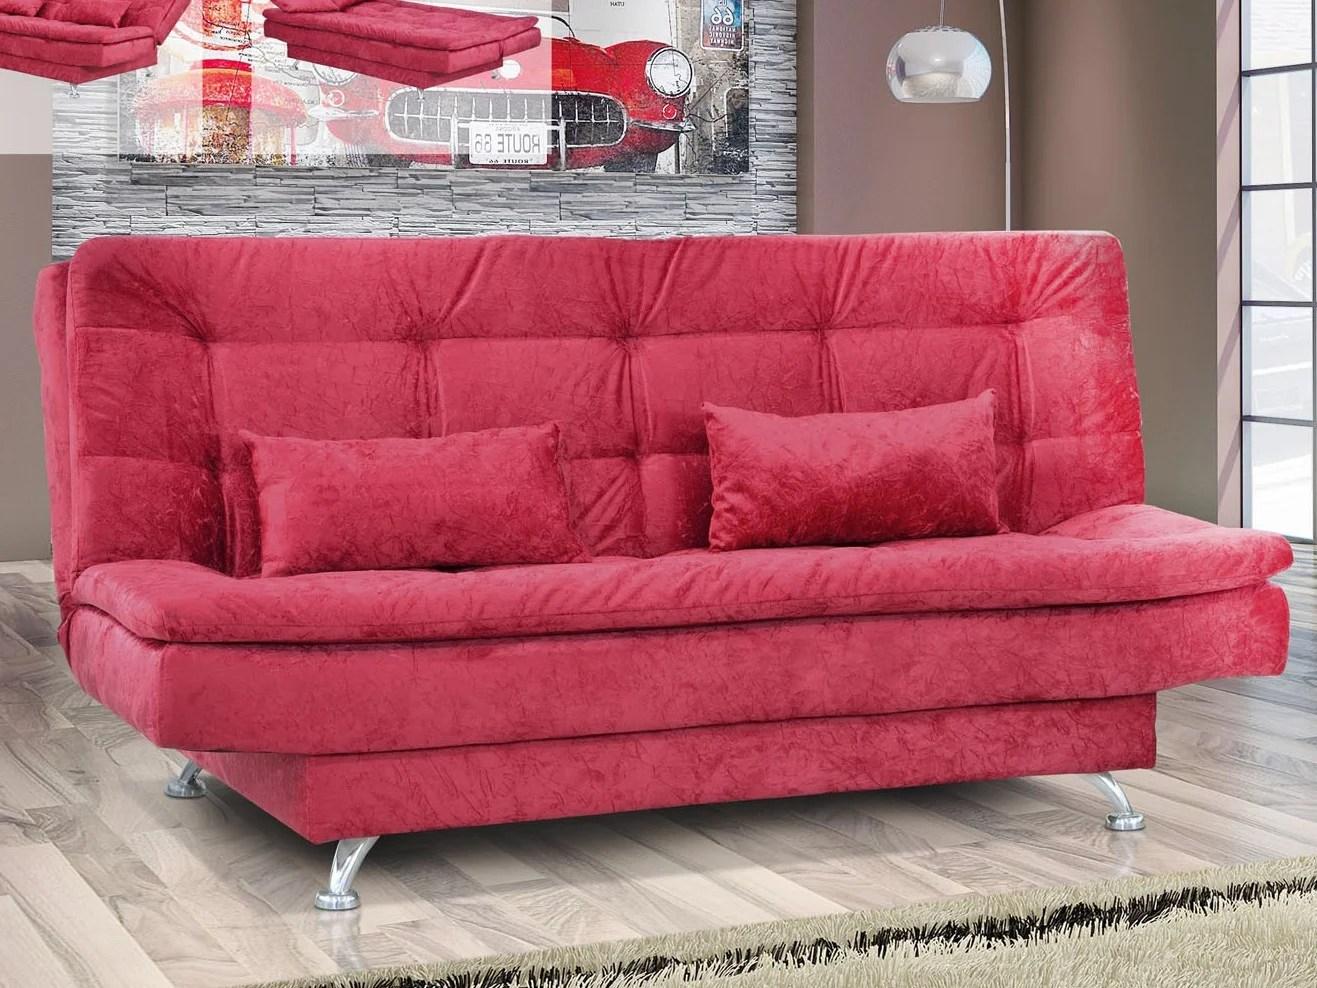 sofa usado olx rio de janeiro protect leather from cats sofá cama casal 3 lugares suede matrix salomé 389